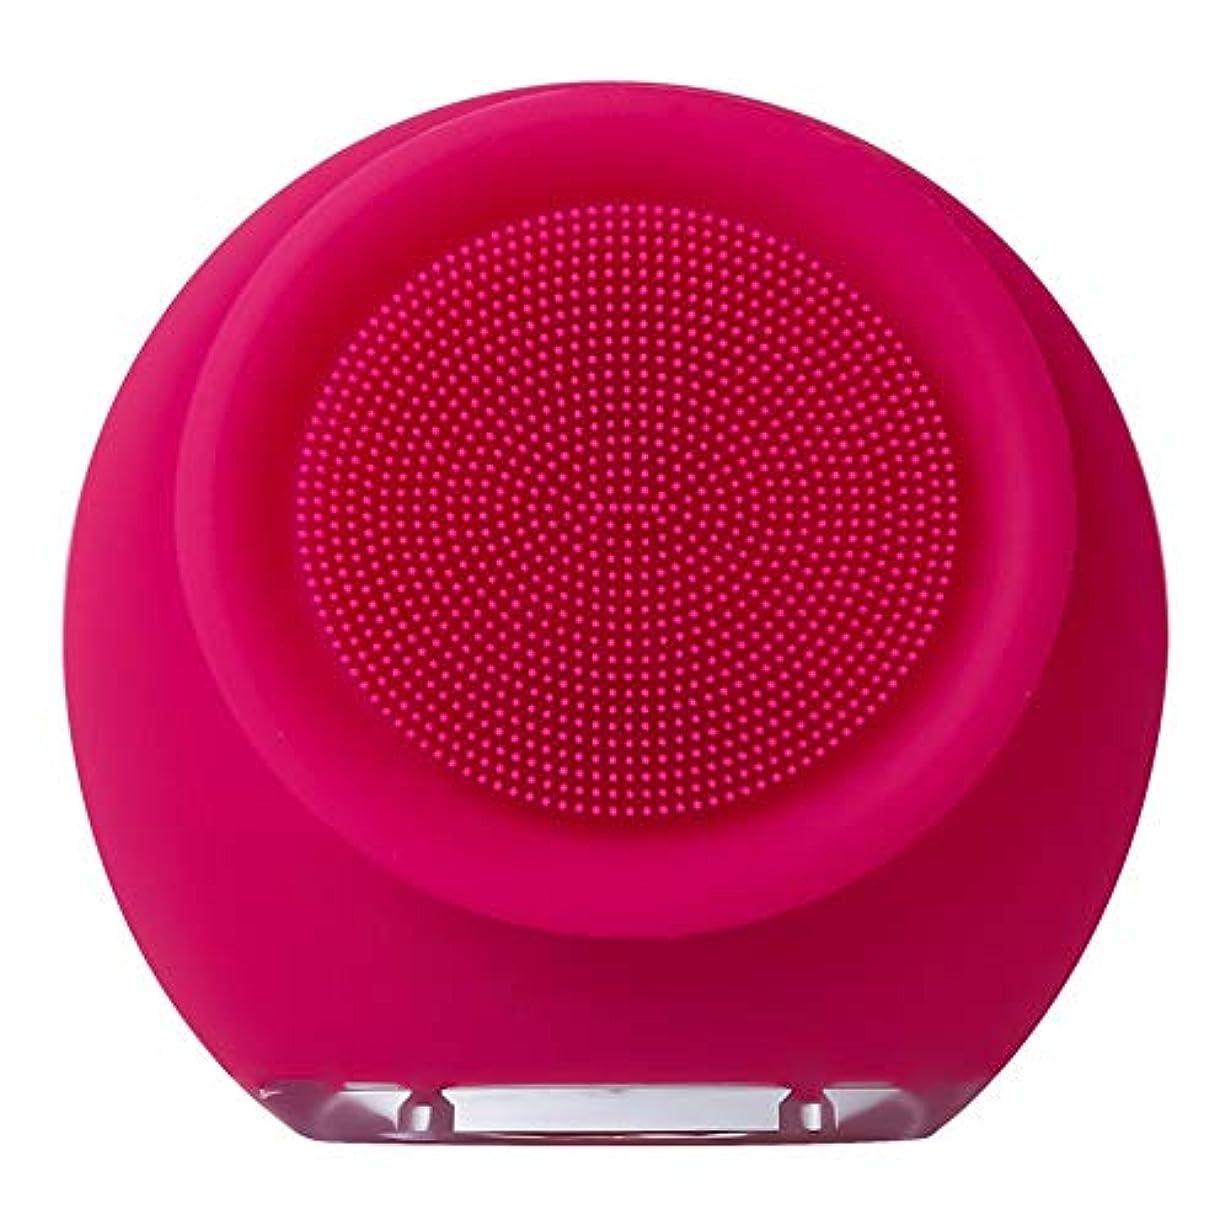 途方もないミシン苦ZHILI フェイスクリーナー防水電動フェイスクレンザーシリコンフェイシャルブラシマッサージャー削除肌にきびにきび毛穴美容ツール (Color : Pink2)